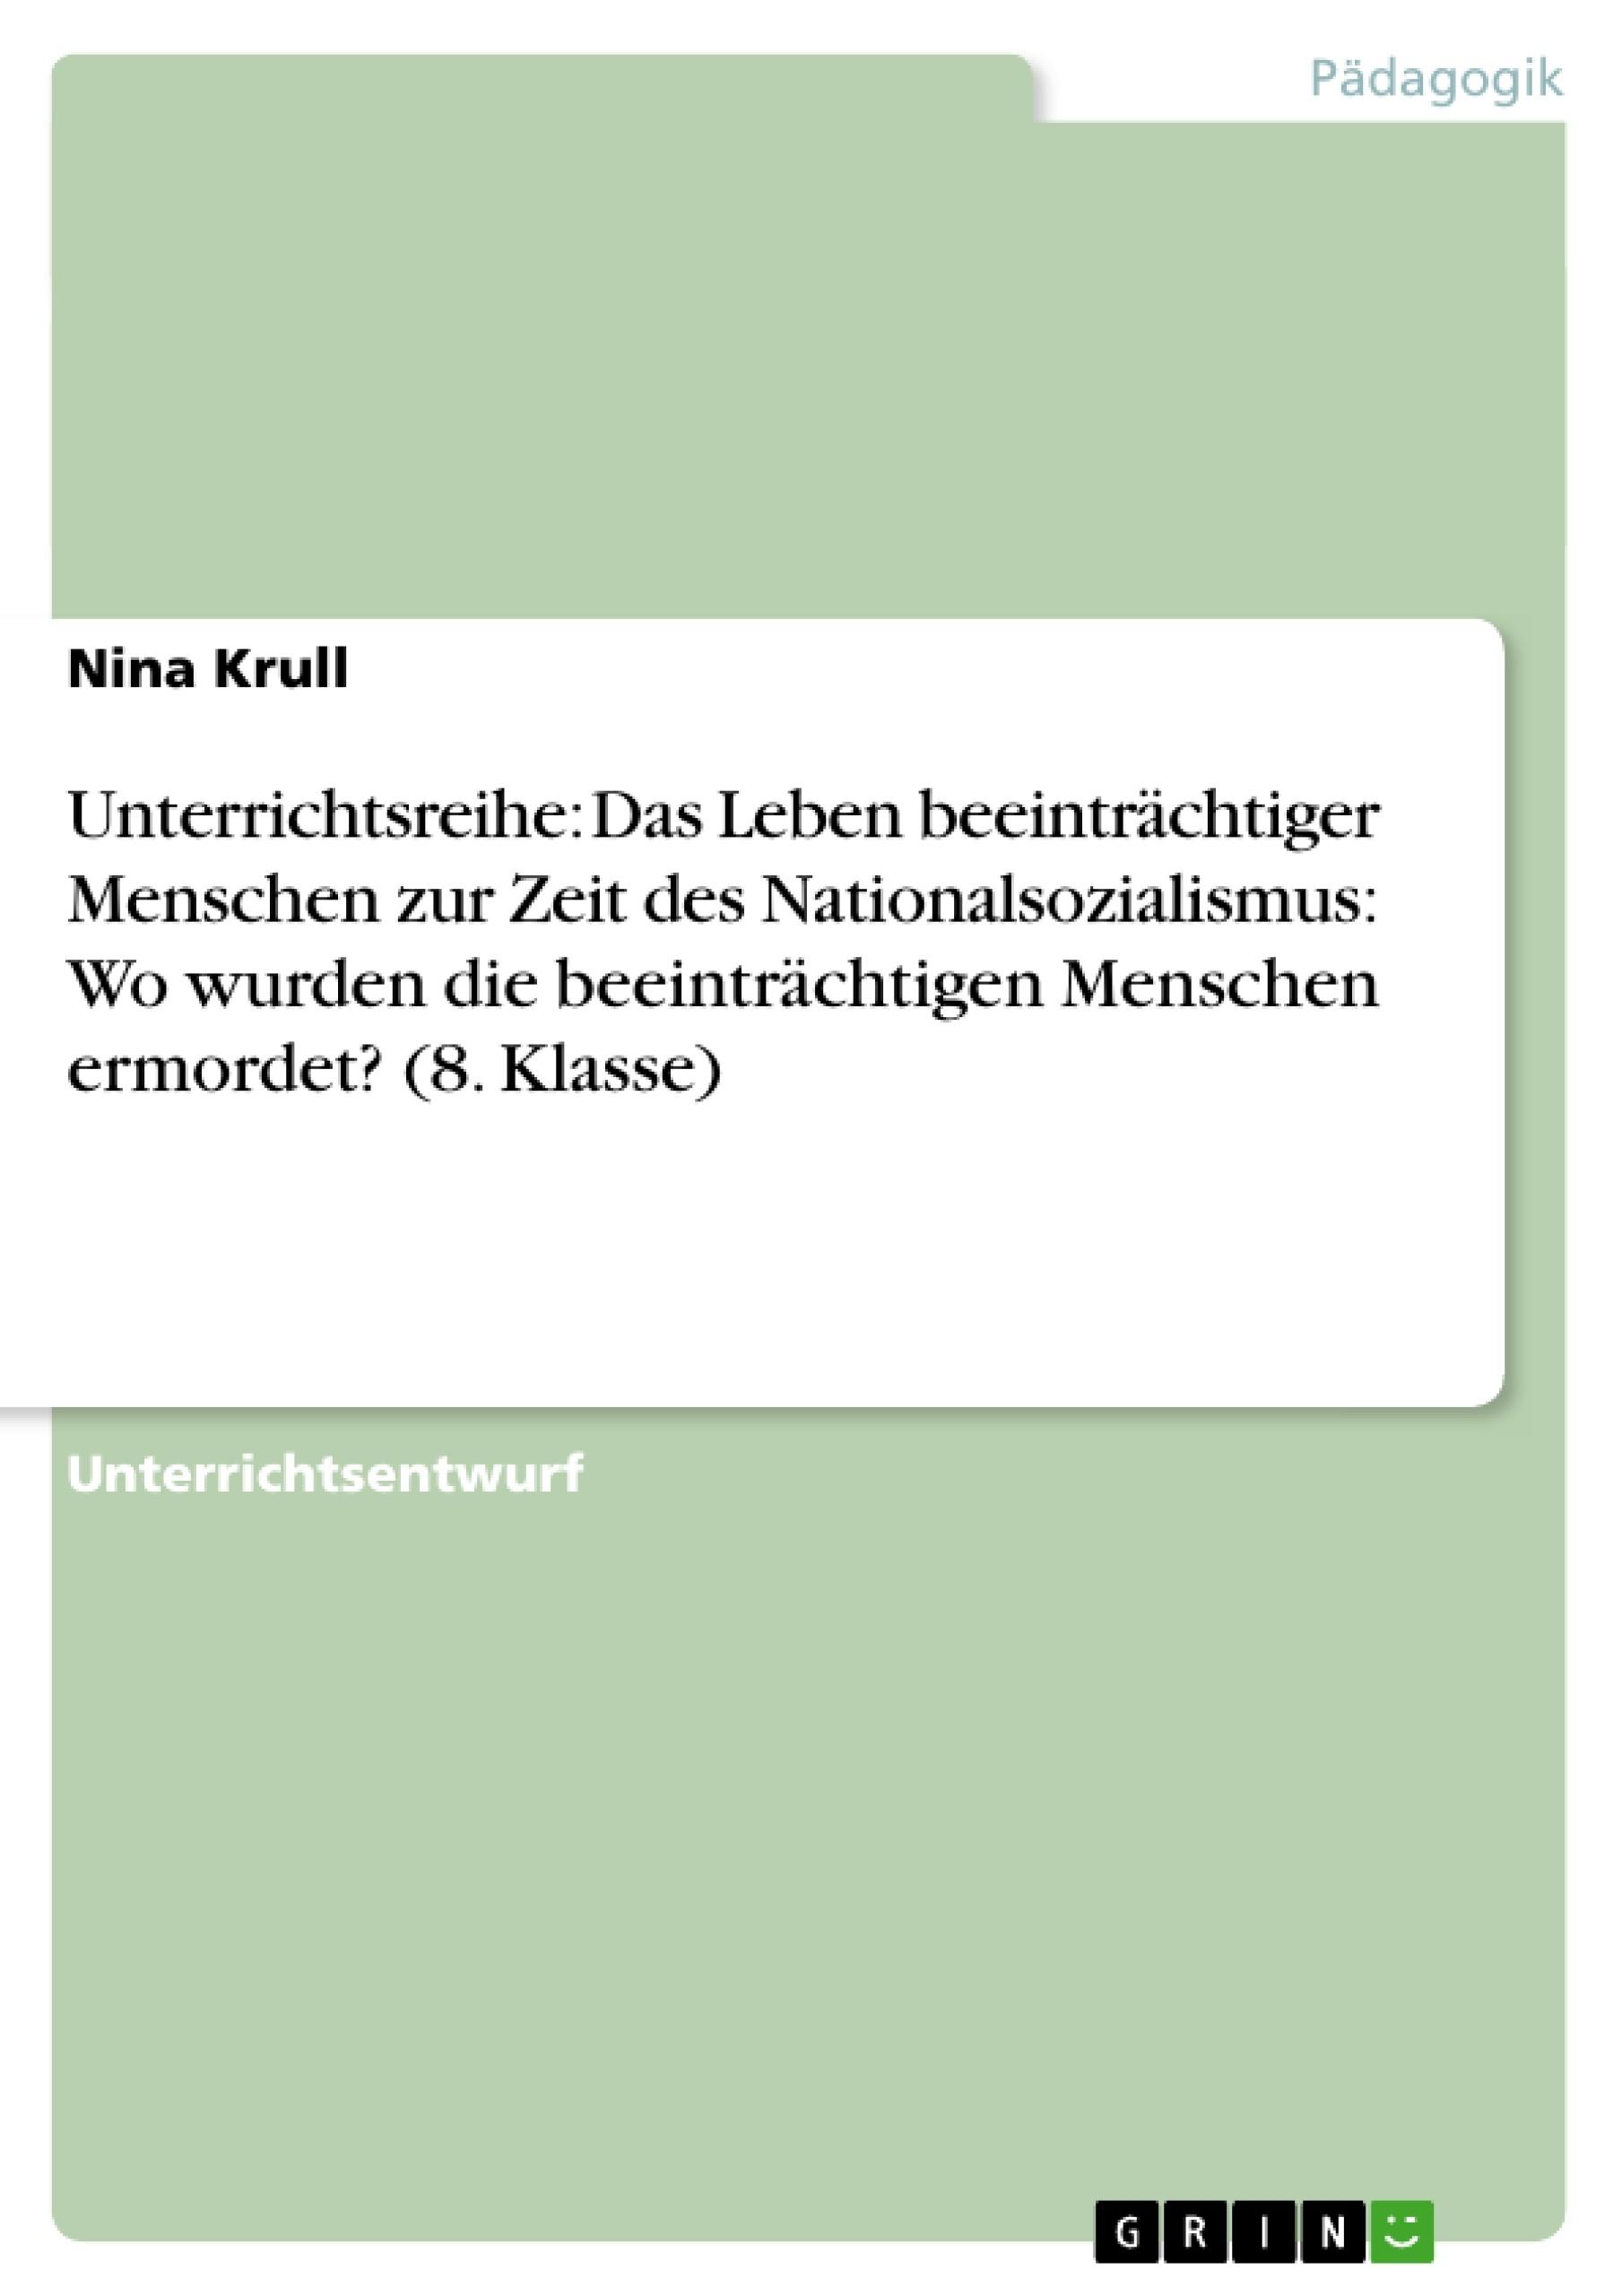 Titel: Unterrichtsreihe: Das Leben beeinträchtiger Menschen zur Zeit des Nationalsozialismus: Wo wurden die beeinträchtigen Menschen ermordet? (8. Klasse)